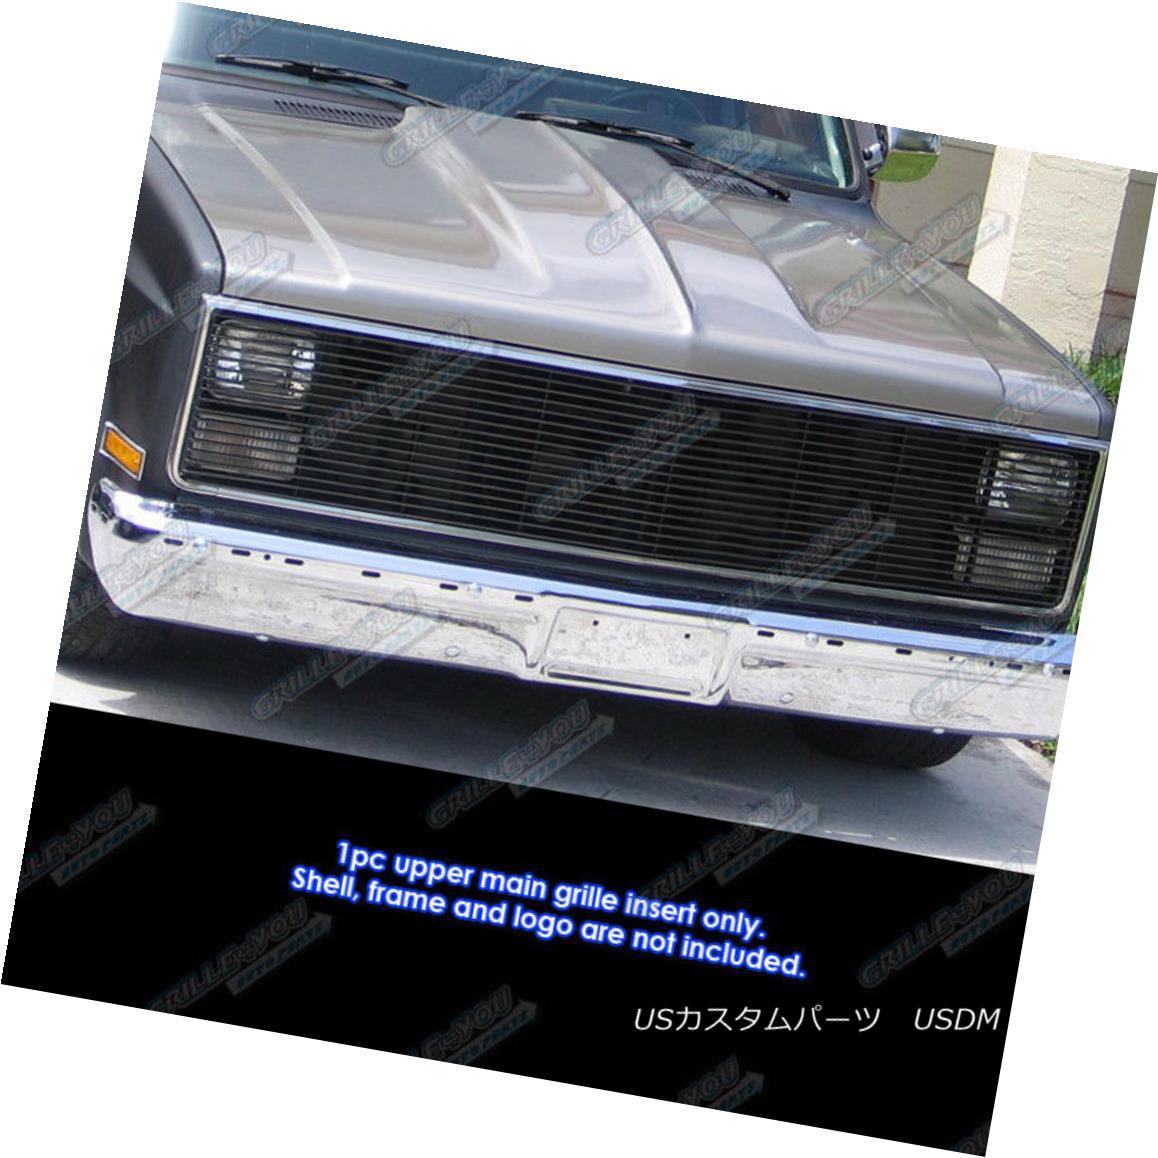 グリル 81-87 Chevy GMC Pickup/Suburban/Blazer/Jimmy Phantom Black Billet Grille Grill 81-87 Chevy GMC Pickup / Suburba n / Blazer / Jimmy Phantomブラックビレットグリルグリル